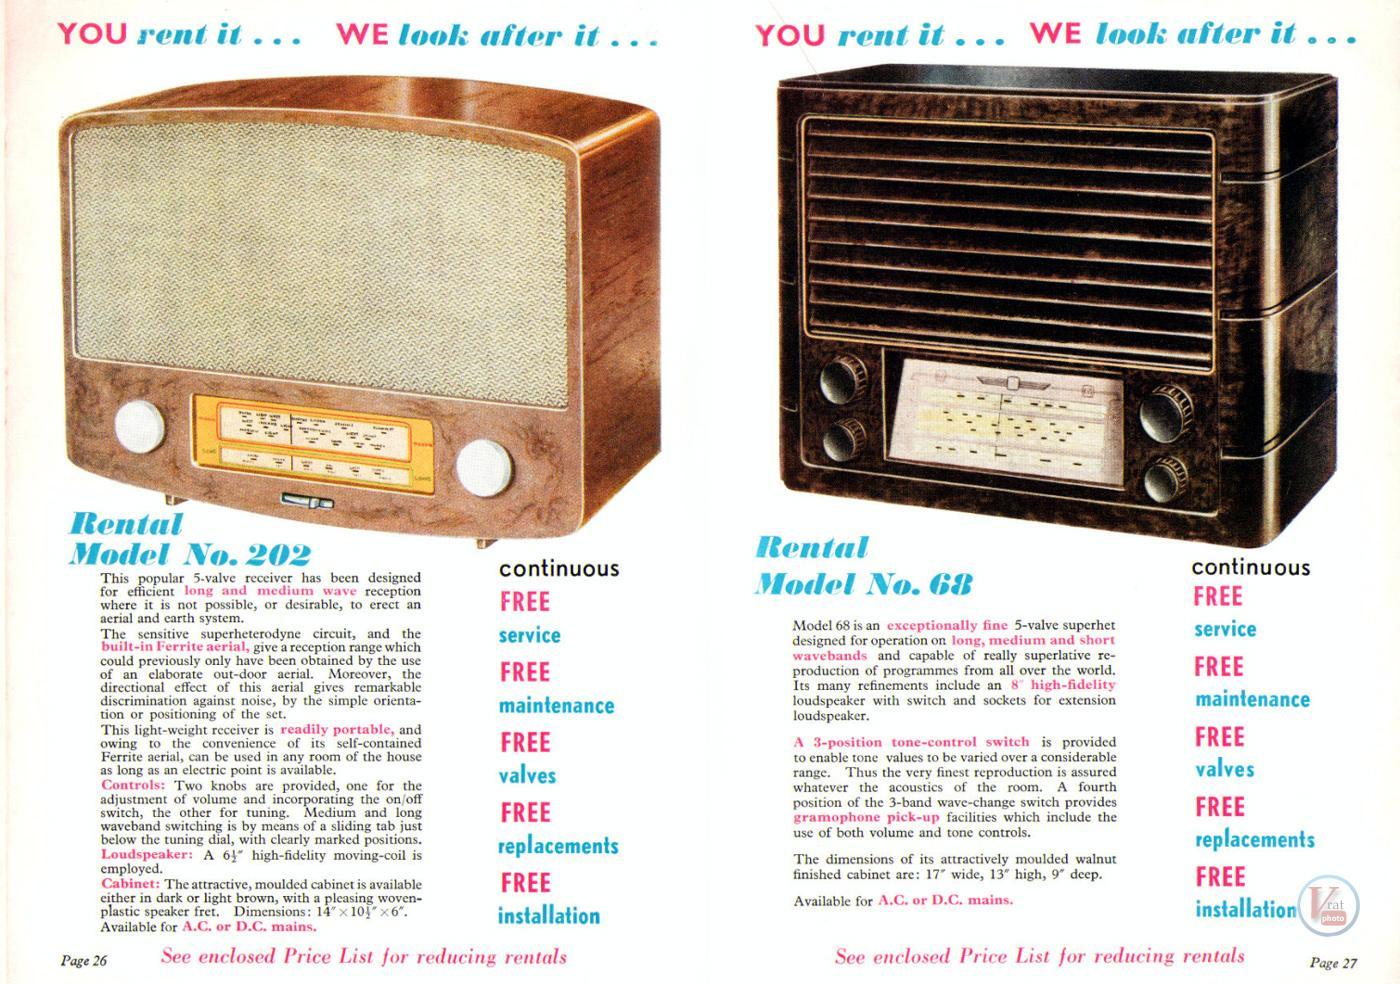 1957 Radio Rentals Catalogue 63